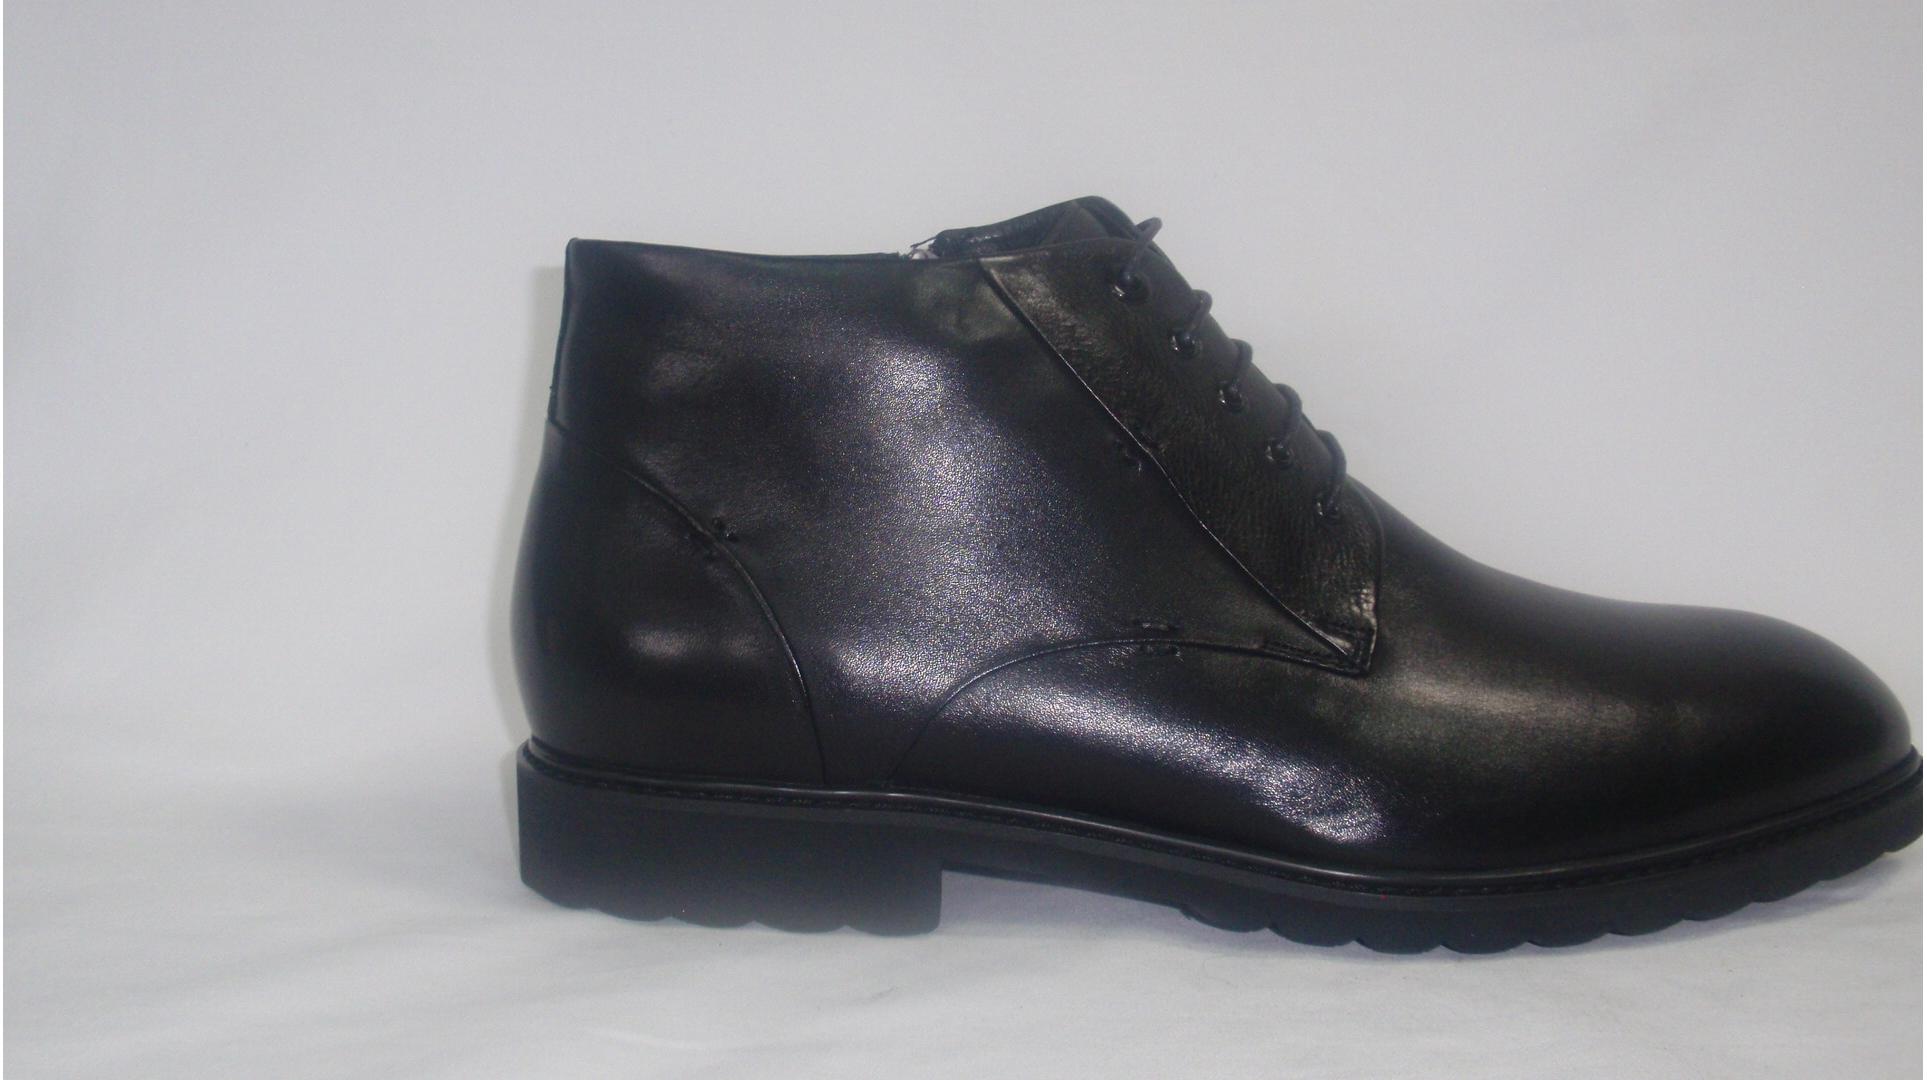 3a50cf0d163 Мужская обувь больших размеров    Vera Victoria Vito 12-6641-1